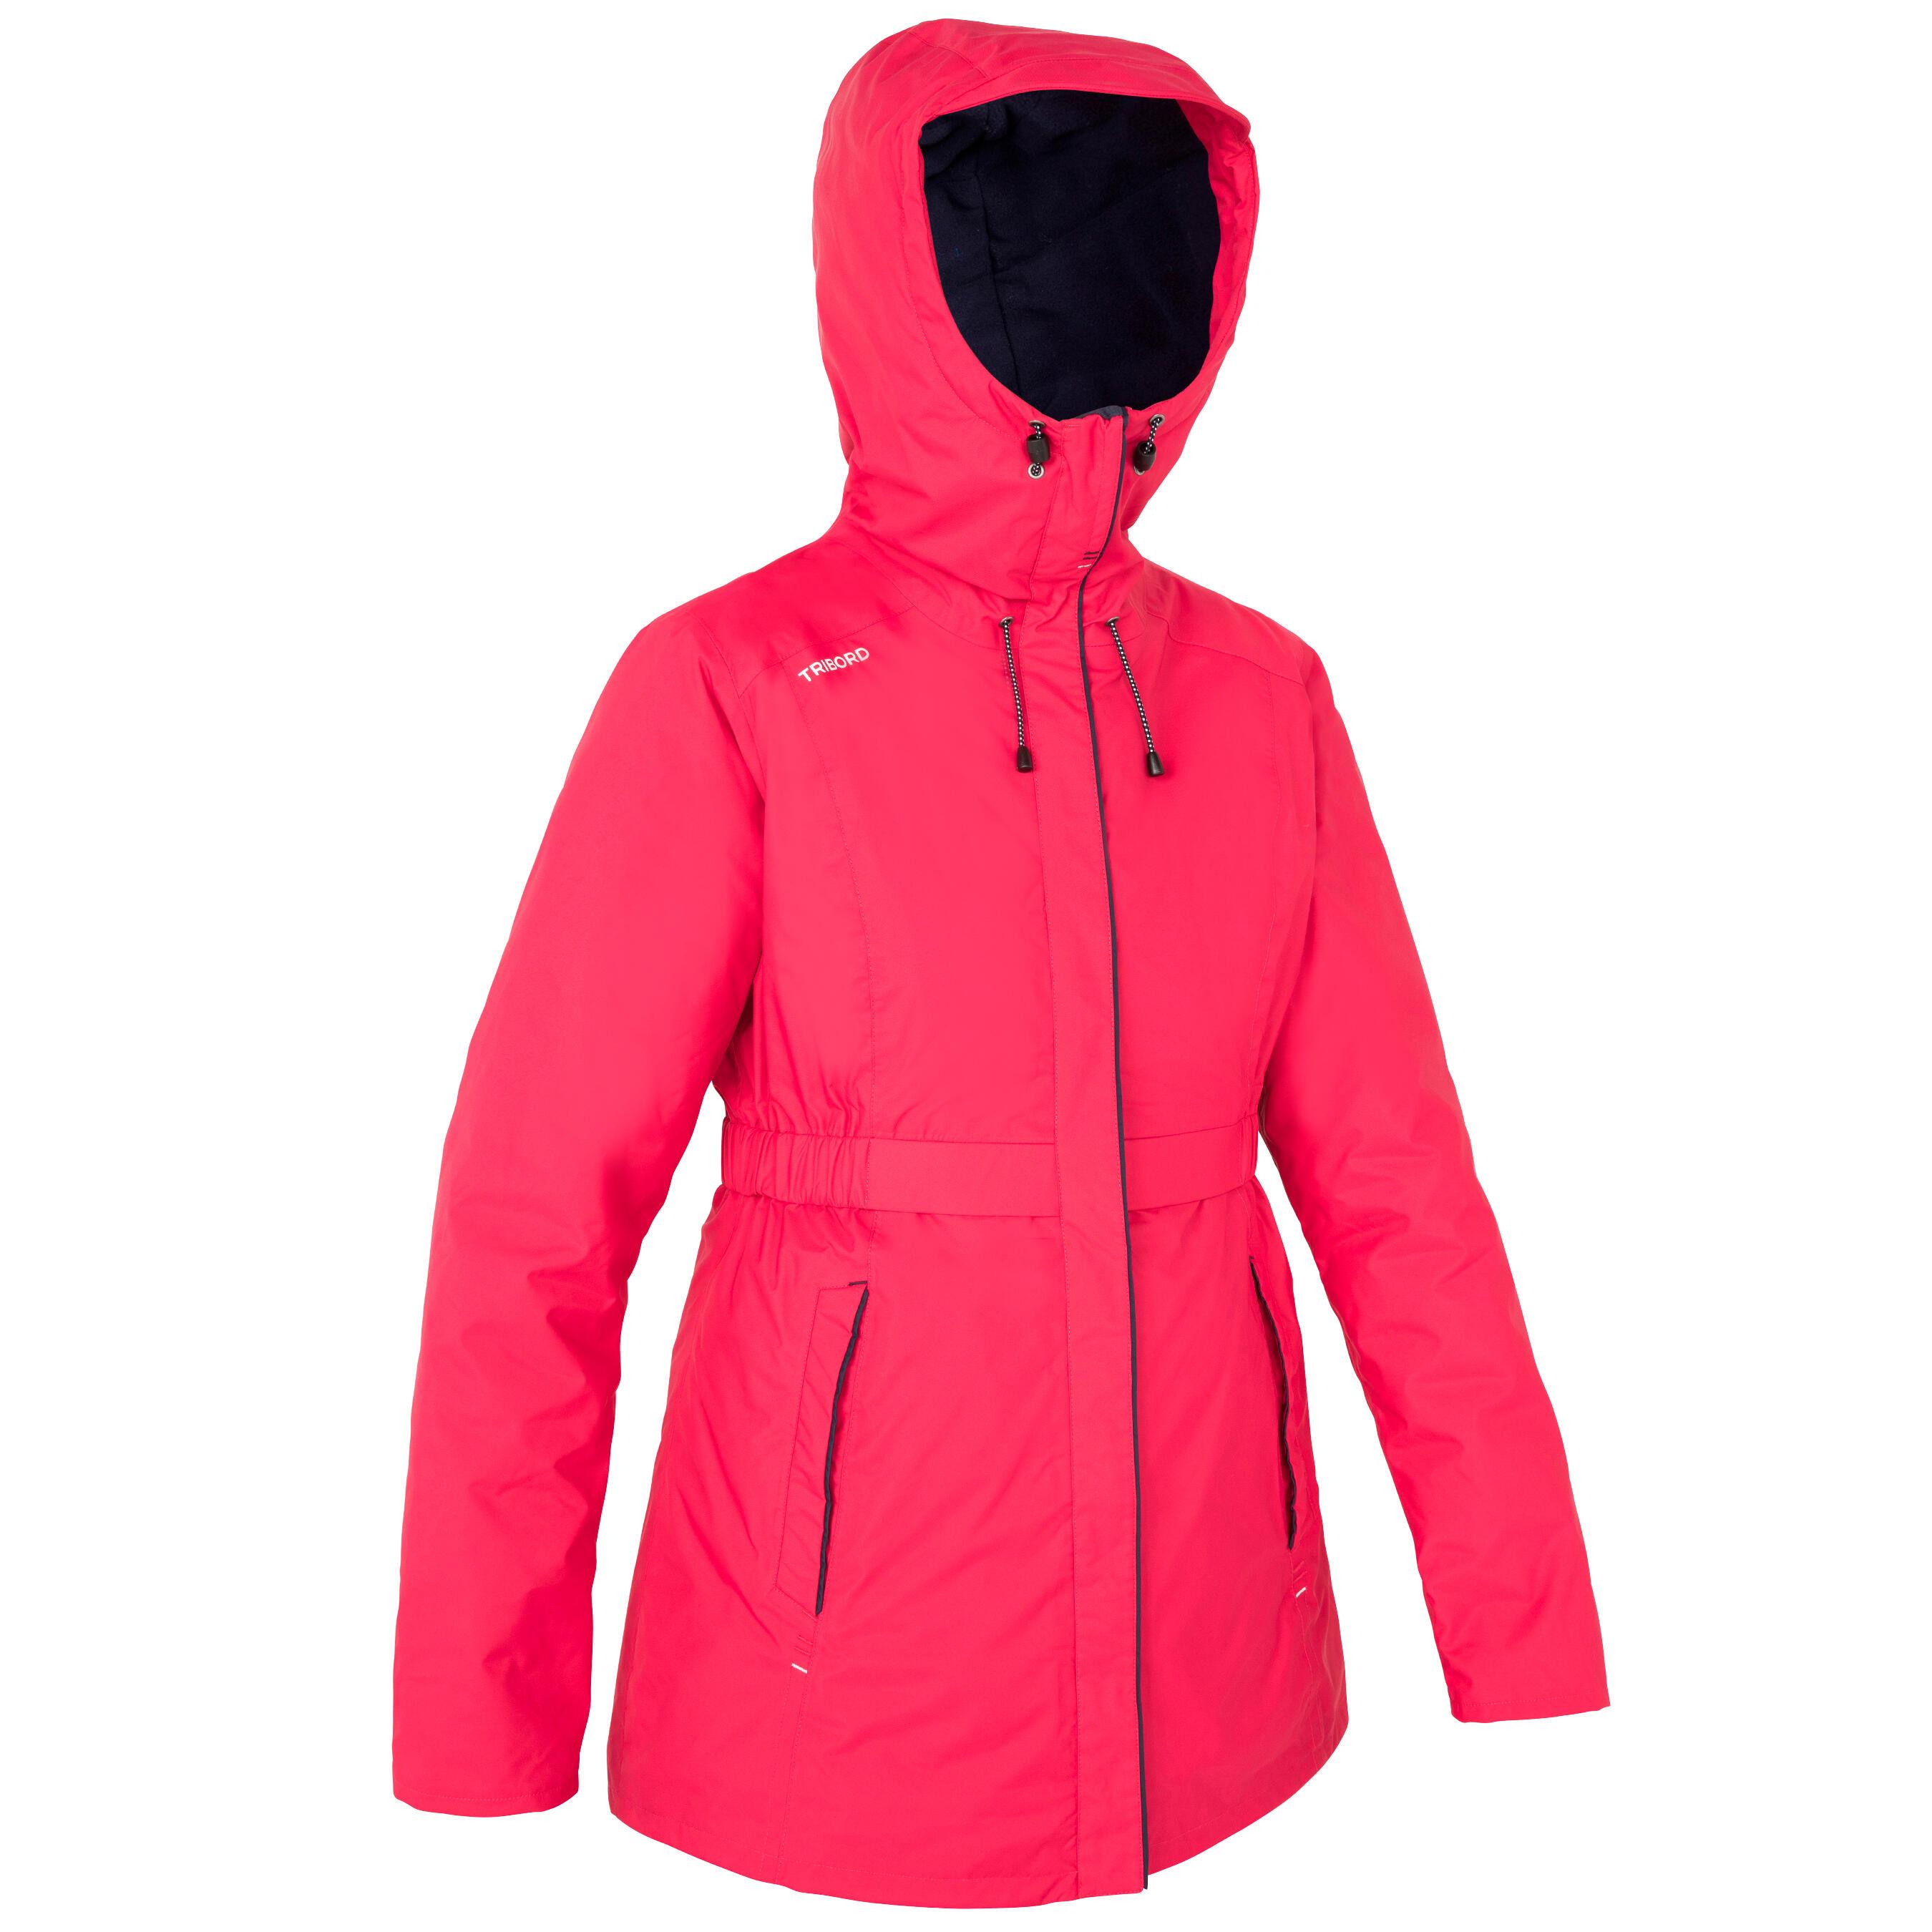 Tribord Warme zeiljas 100 voor dames